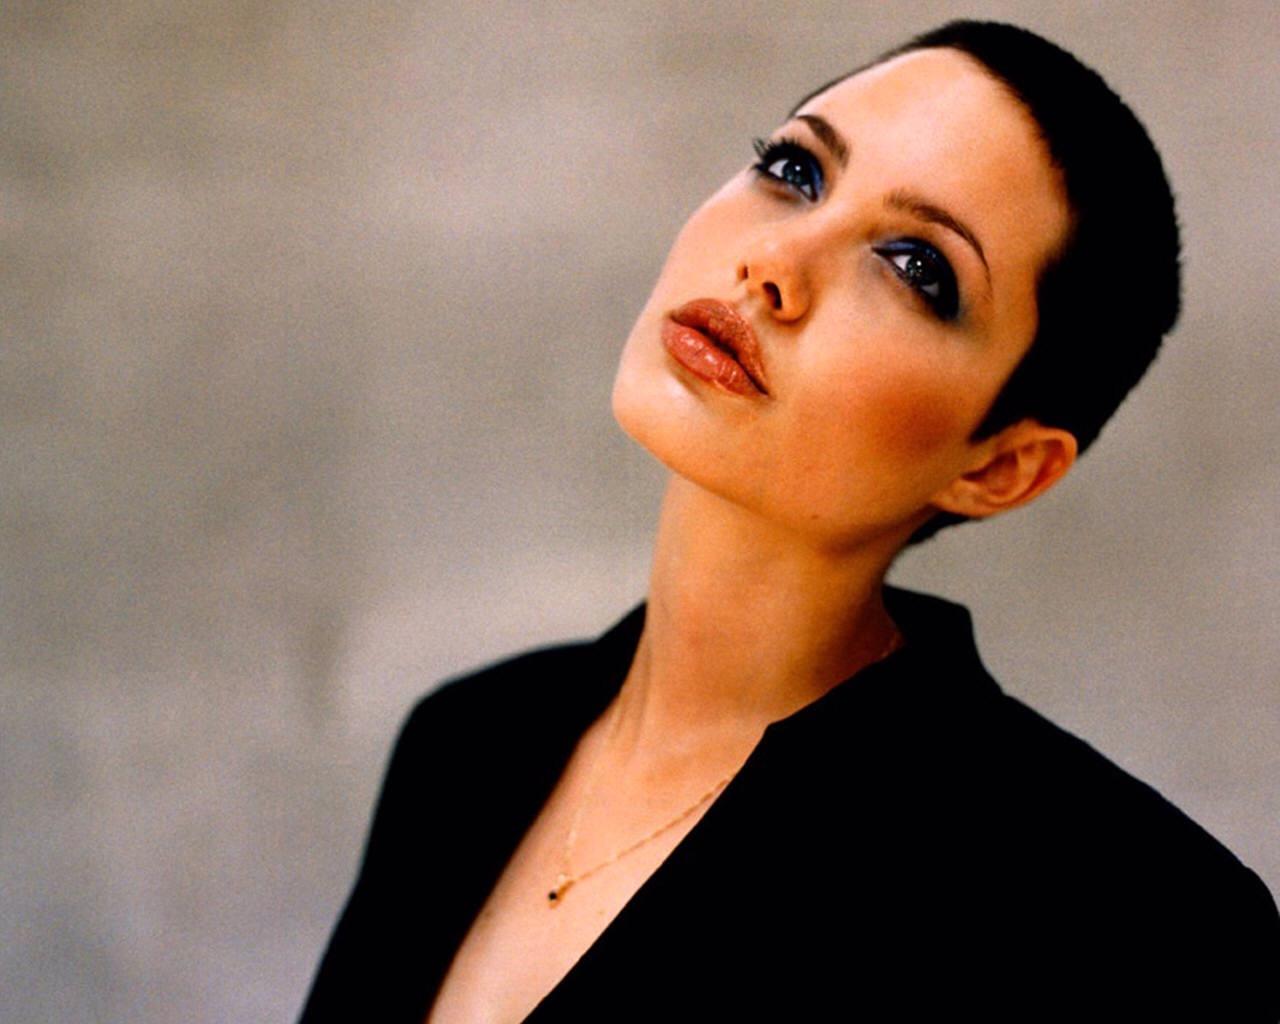 Angelina fără păr (fără sîni, fără ovare ...)